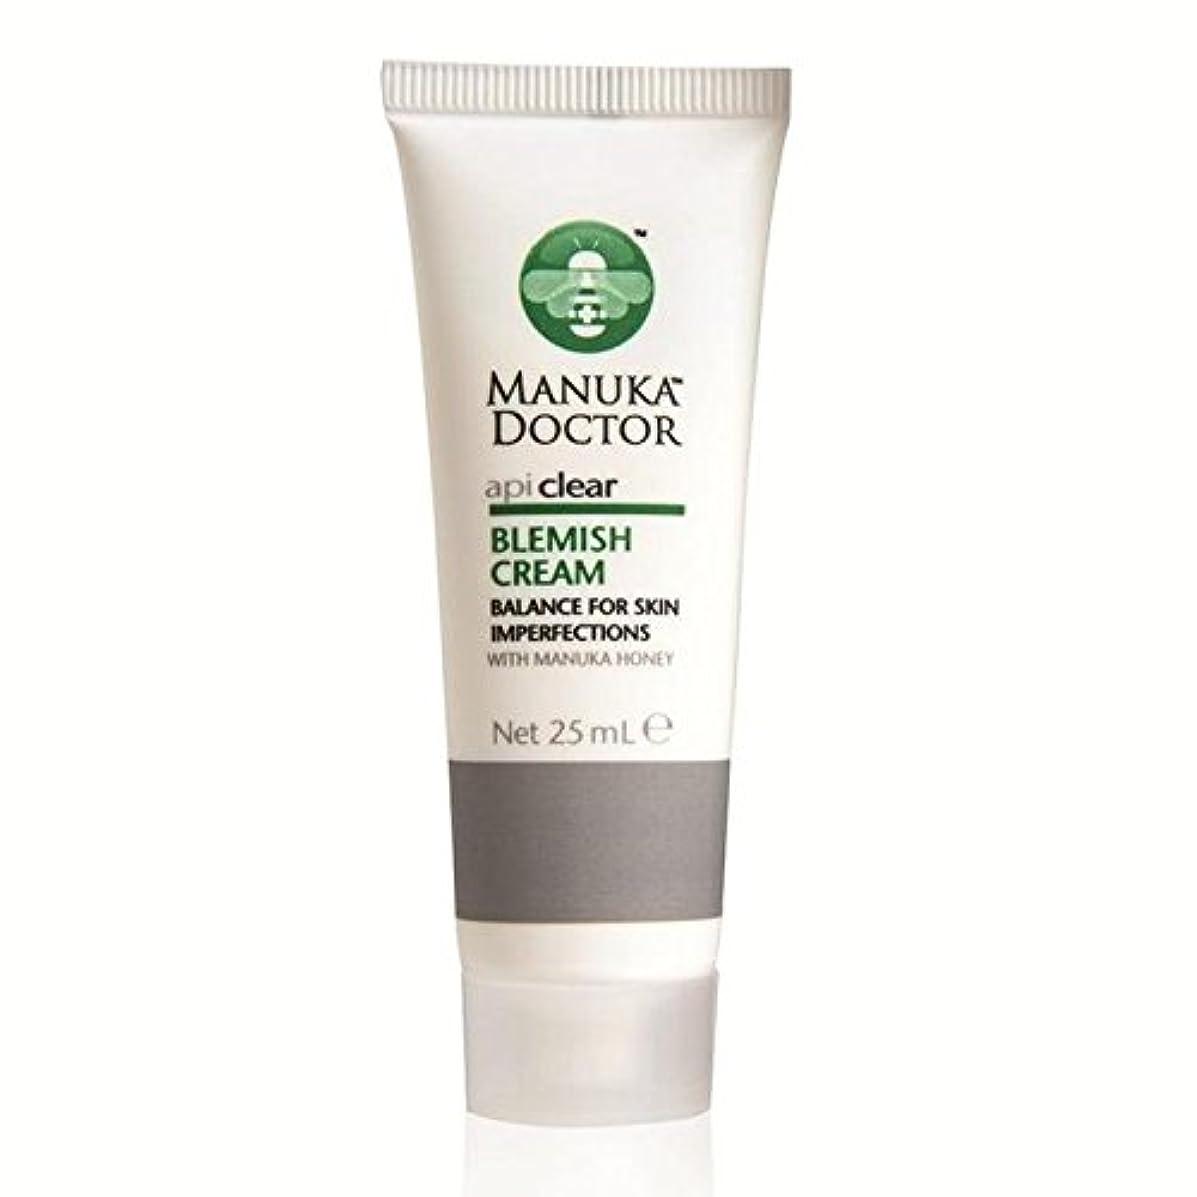 低下比率めったにManuka Doctor Api Clear Blemish Cream 25ml - マヌカドクター明確な傷クリーム25ミリリットル [並行輸入品]